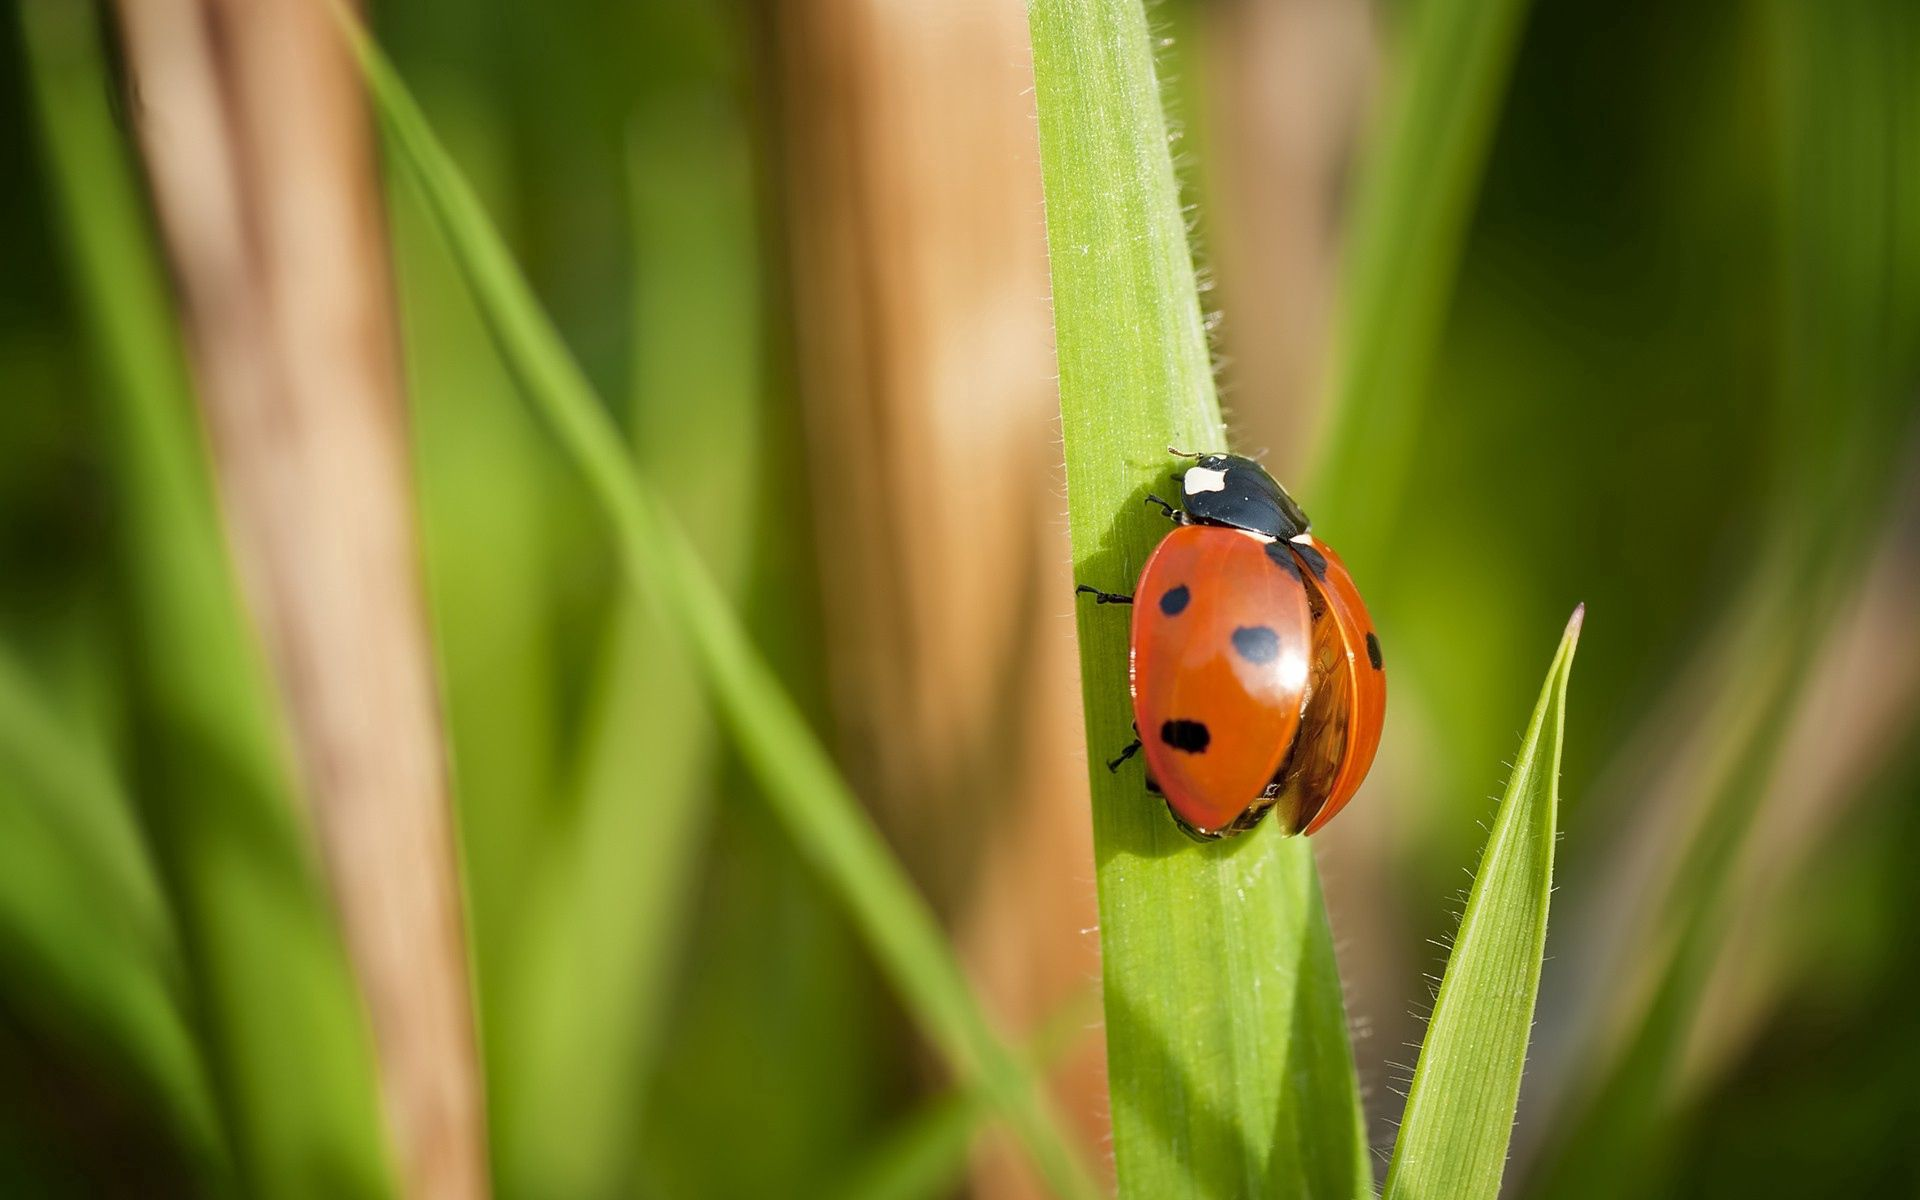 111799 Hintergrundbild herunterladen Grass, Marienkäfer, Makro, Insekt, Flügel, Ladybird - Bildschirmschoner und Bilder kostenlos